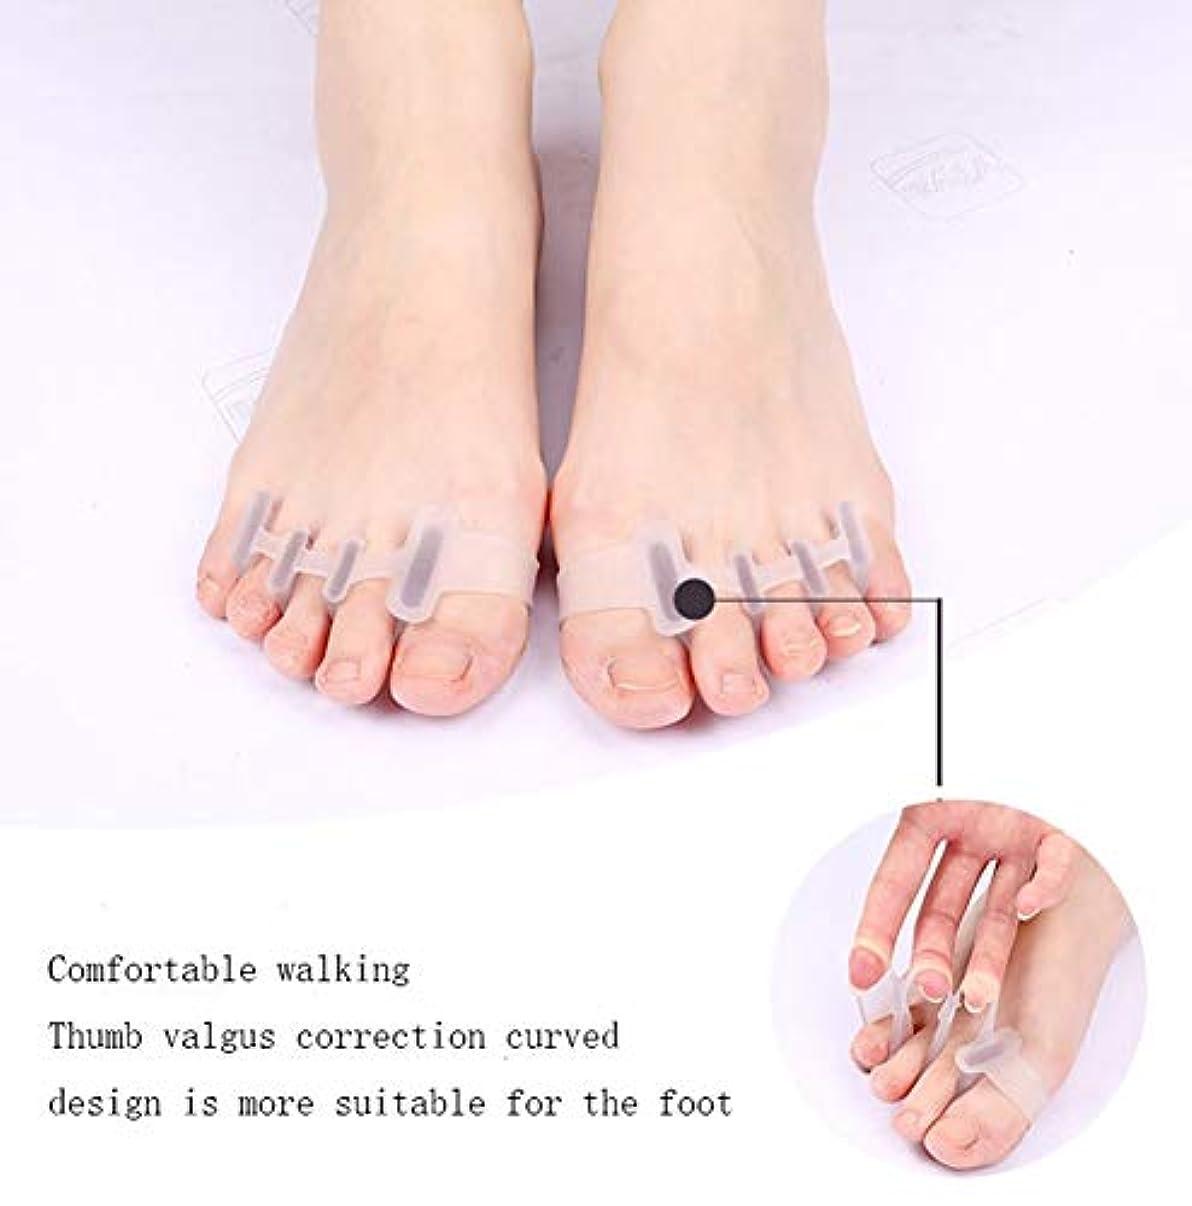 挽く米ドルゴールデン足装具、ジェル足ストレッチャー、足に適したセパレータインスタント治療親指外反母趾コレクター